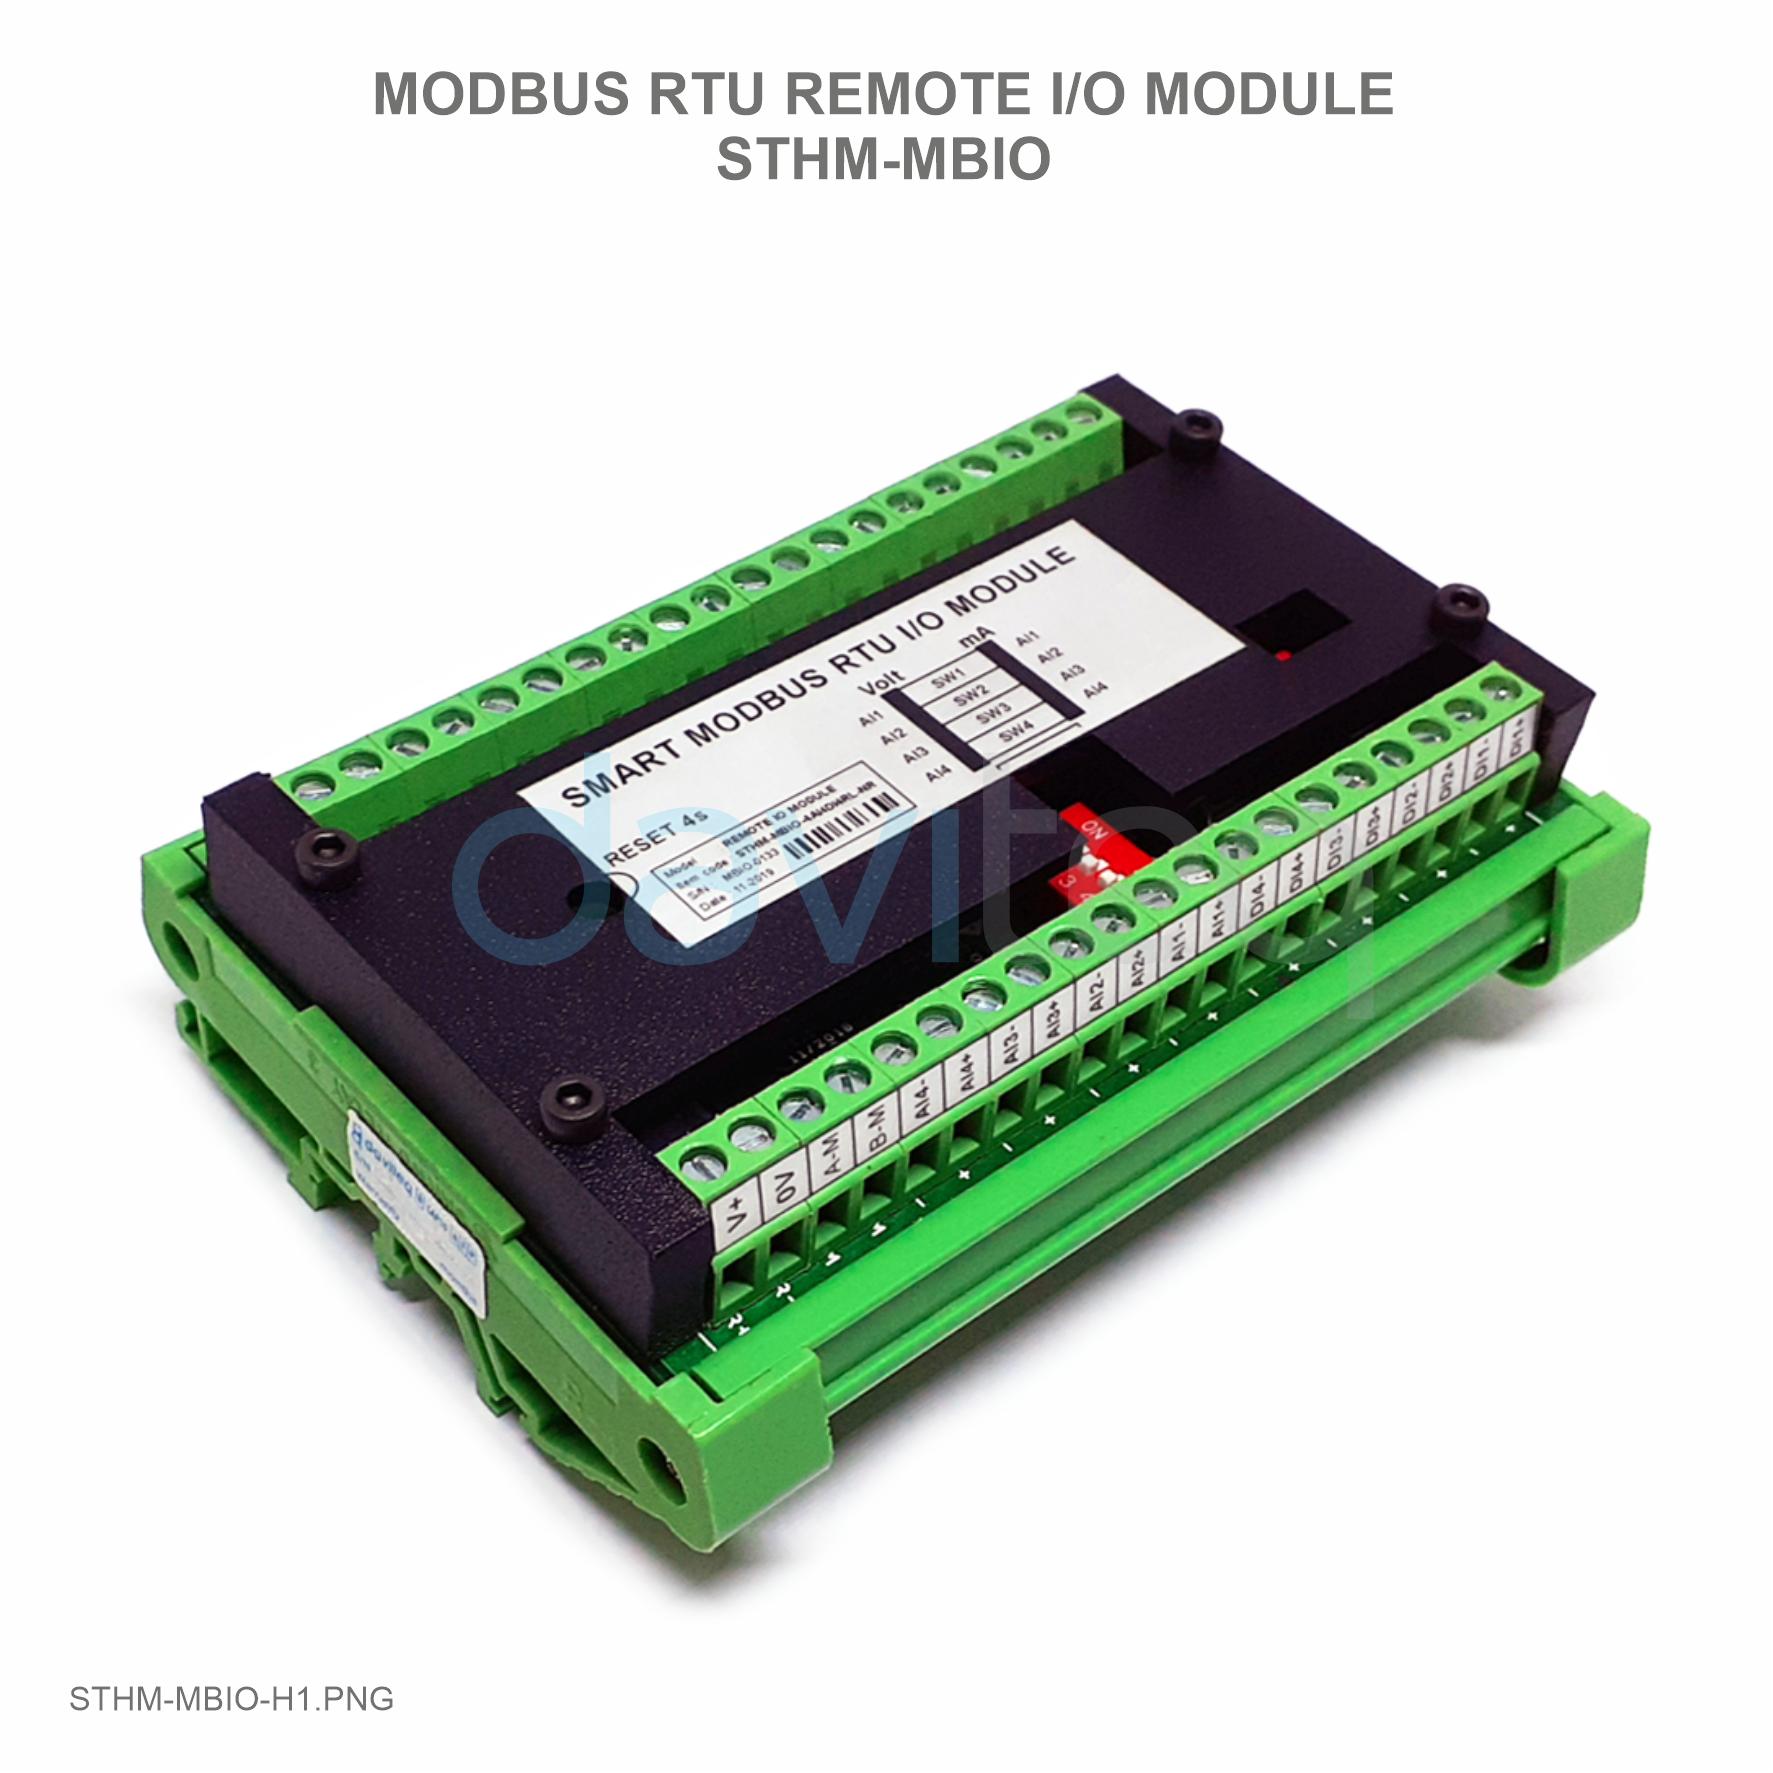 Bộ I/O mở rộng chuẩn modbusRTU